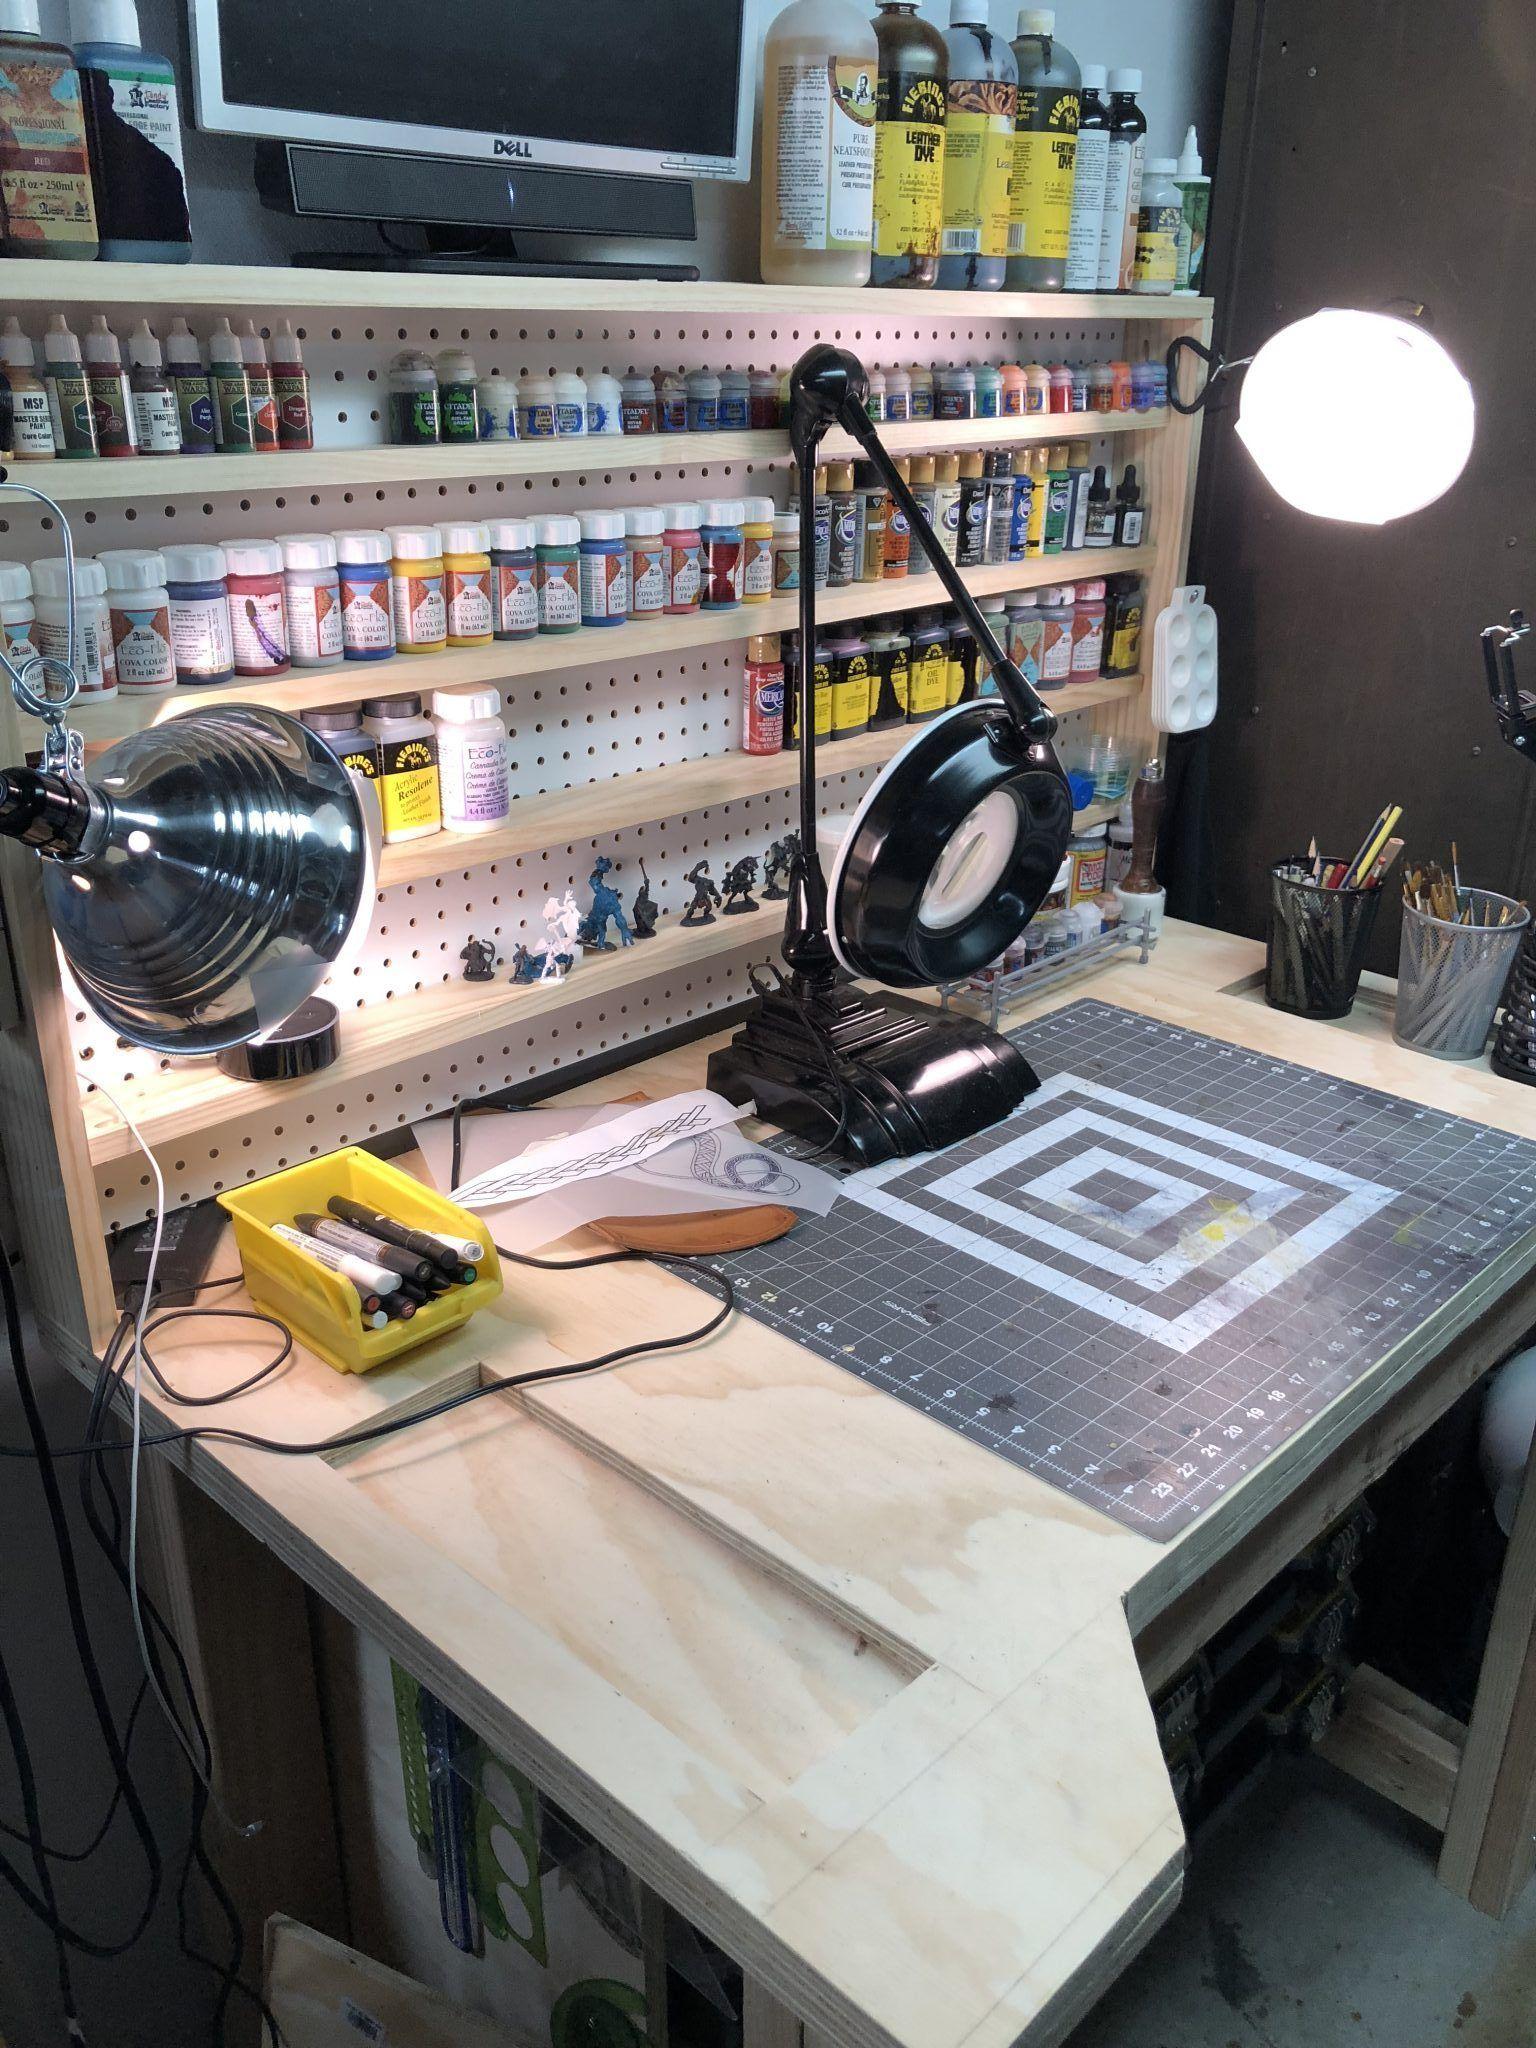 Led Workbench Light Vilsom 4m 13ft Workbench Light Bar Lights For Work Bench With Dimmer And Power Supply Adaptor For Work Be Workbench Light Workbench Shelves